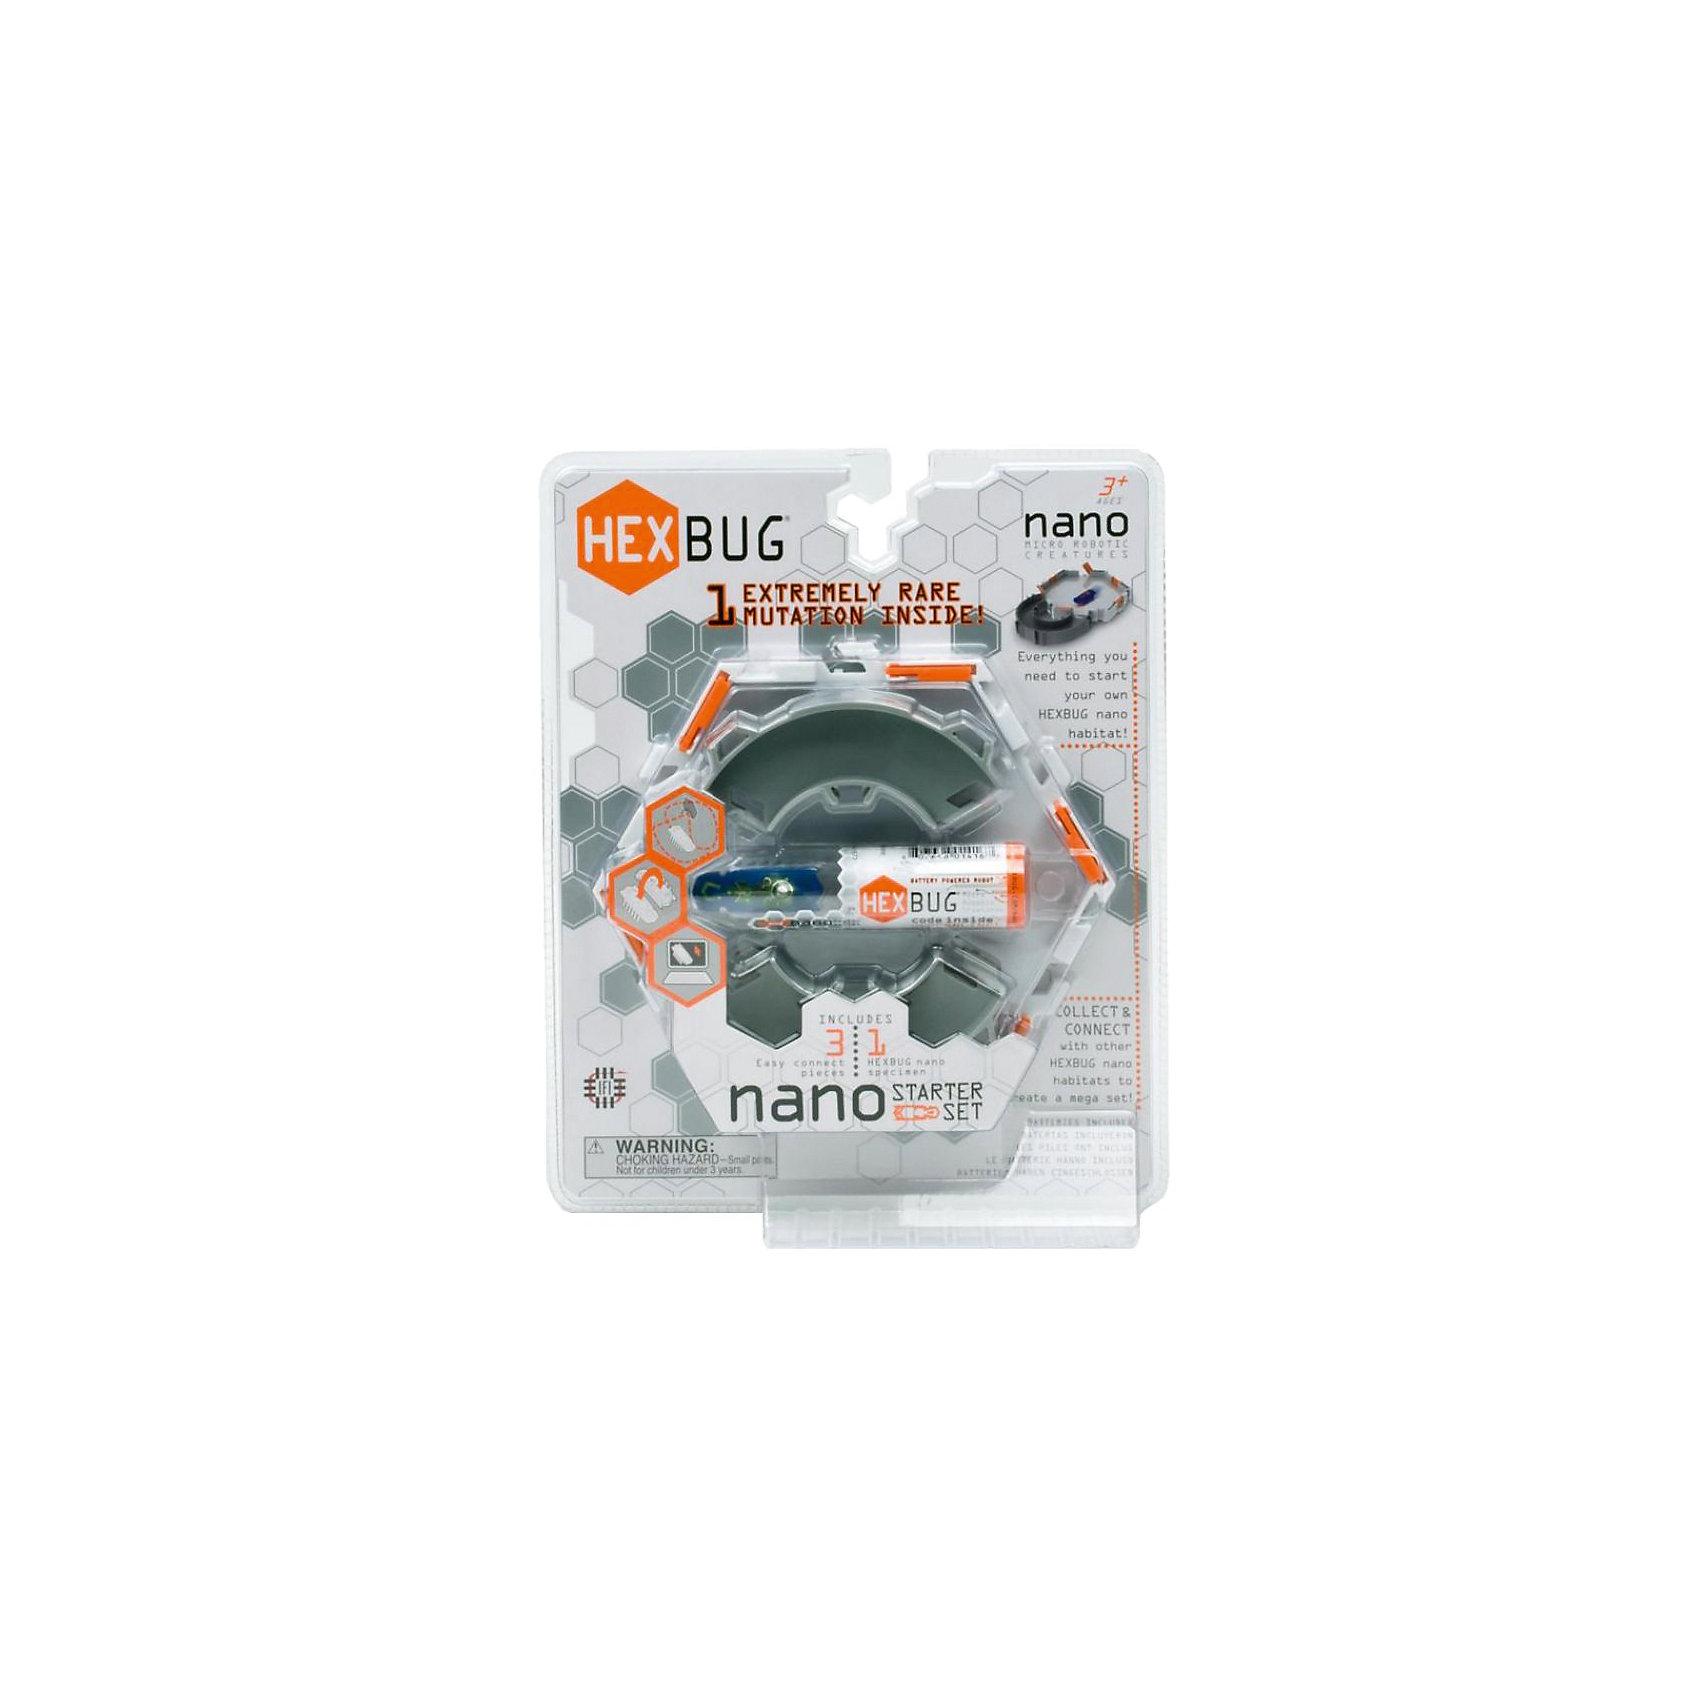 - Стартовый игровой набор с микро-роботами Нанодром, Hexbug hexbug набор нано хэбитат